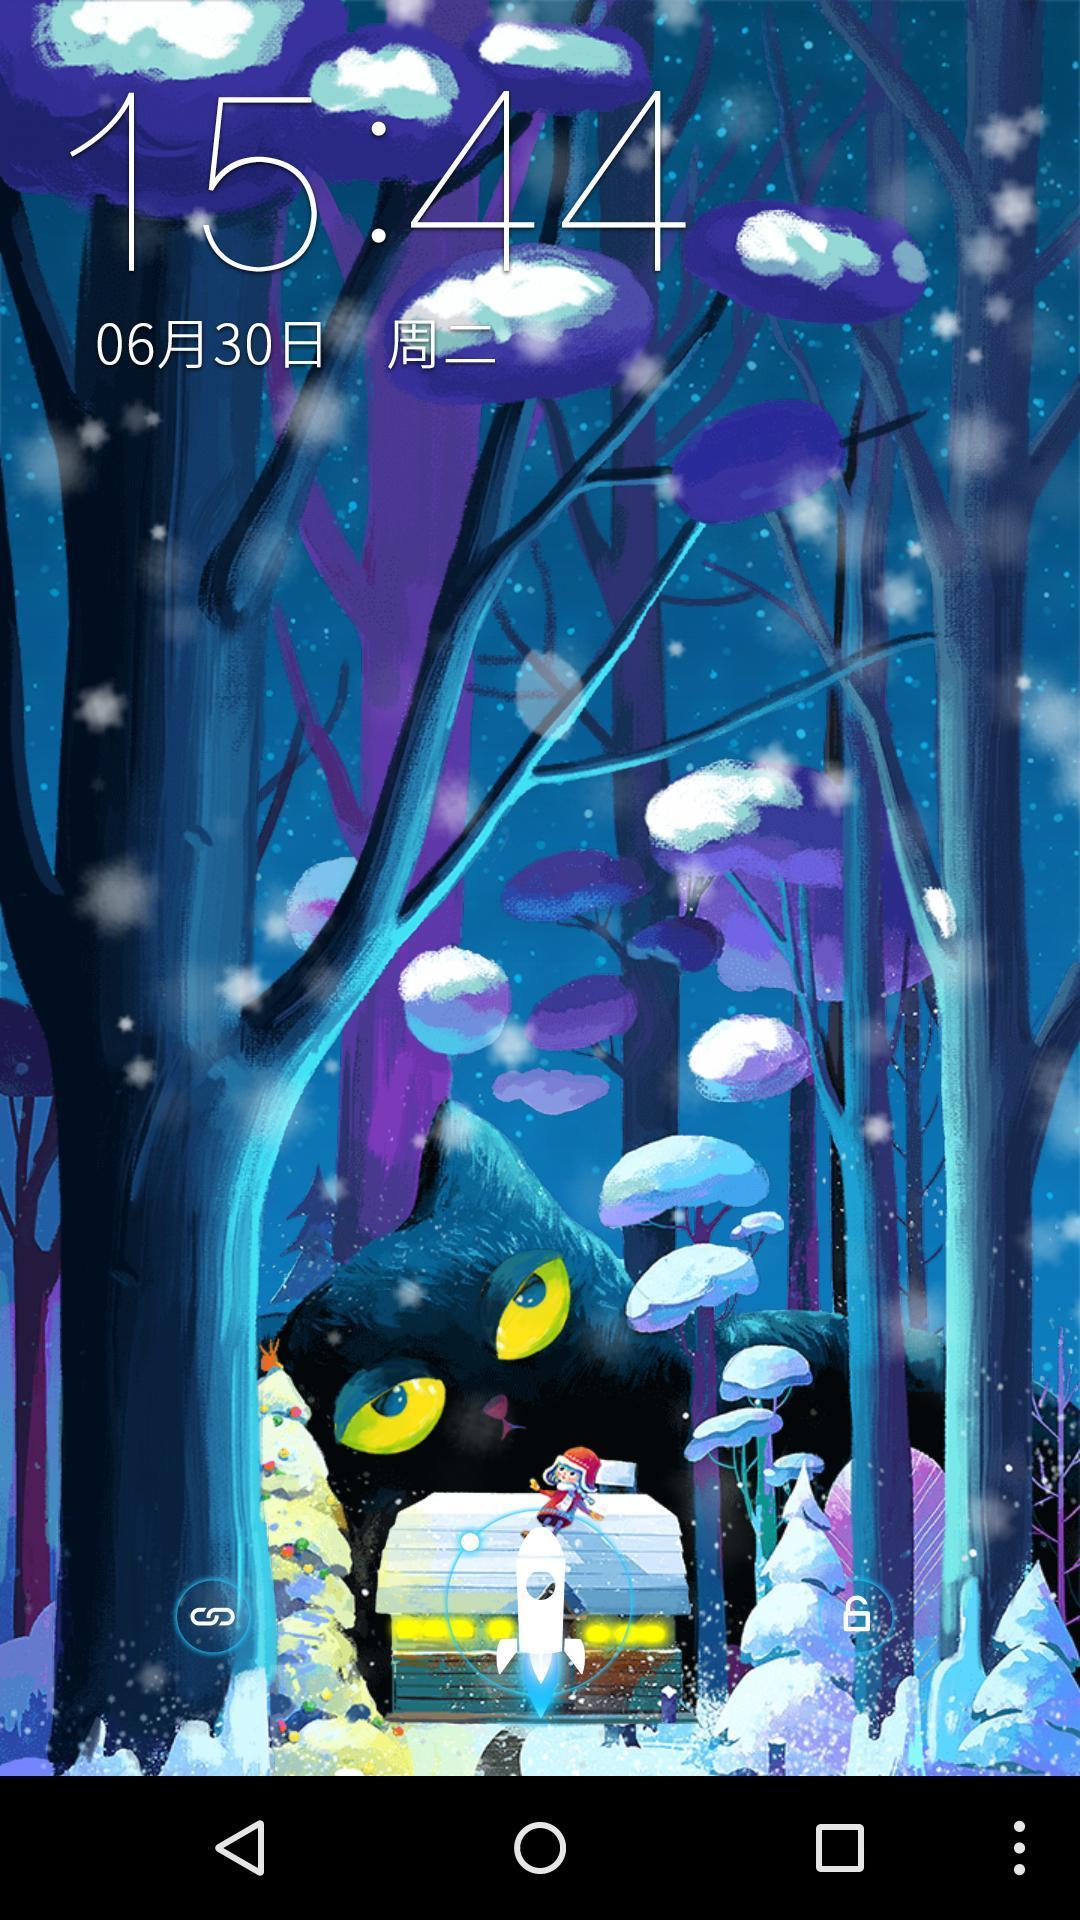 小女孩与猫-梦象动态壁纸